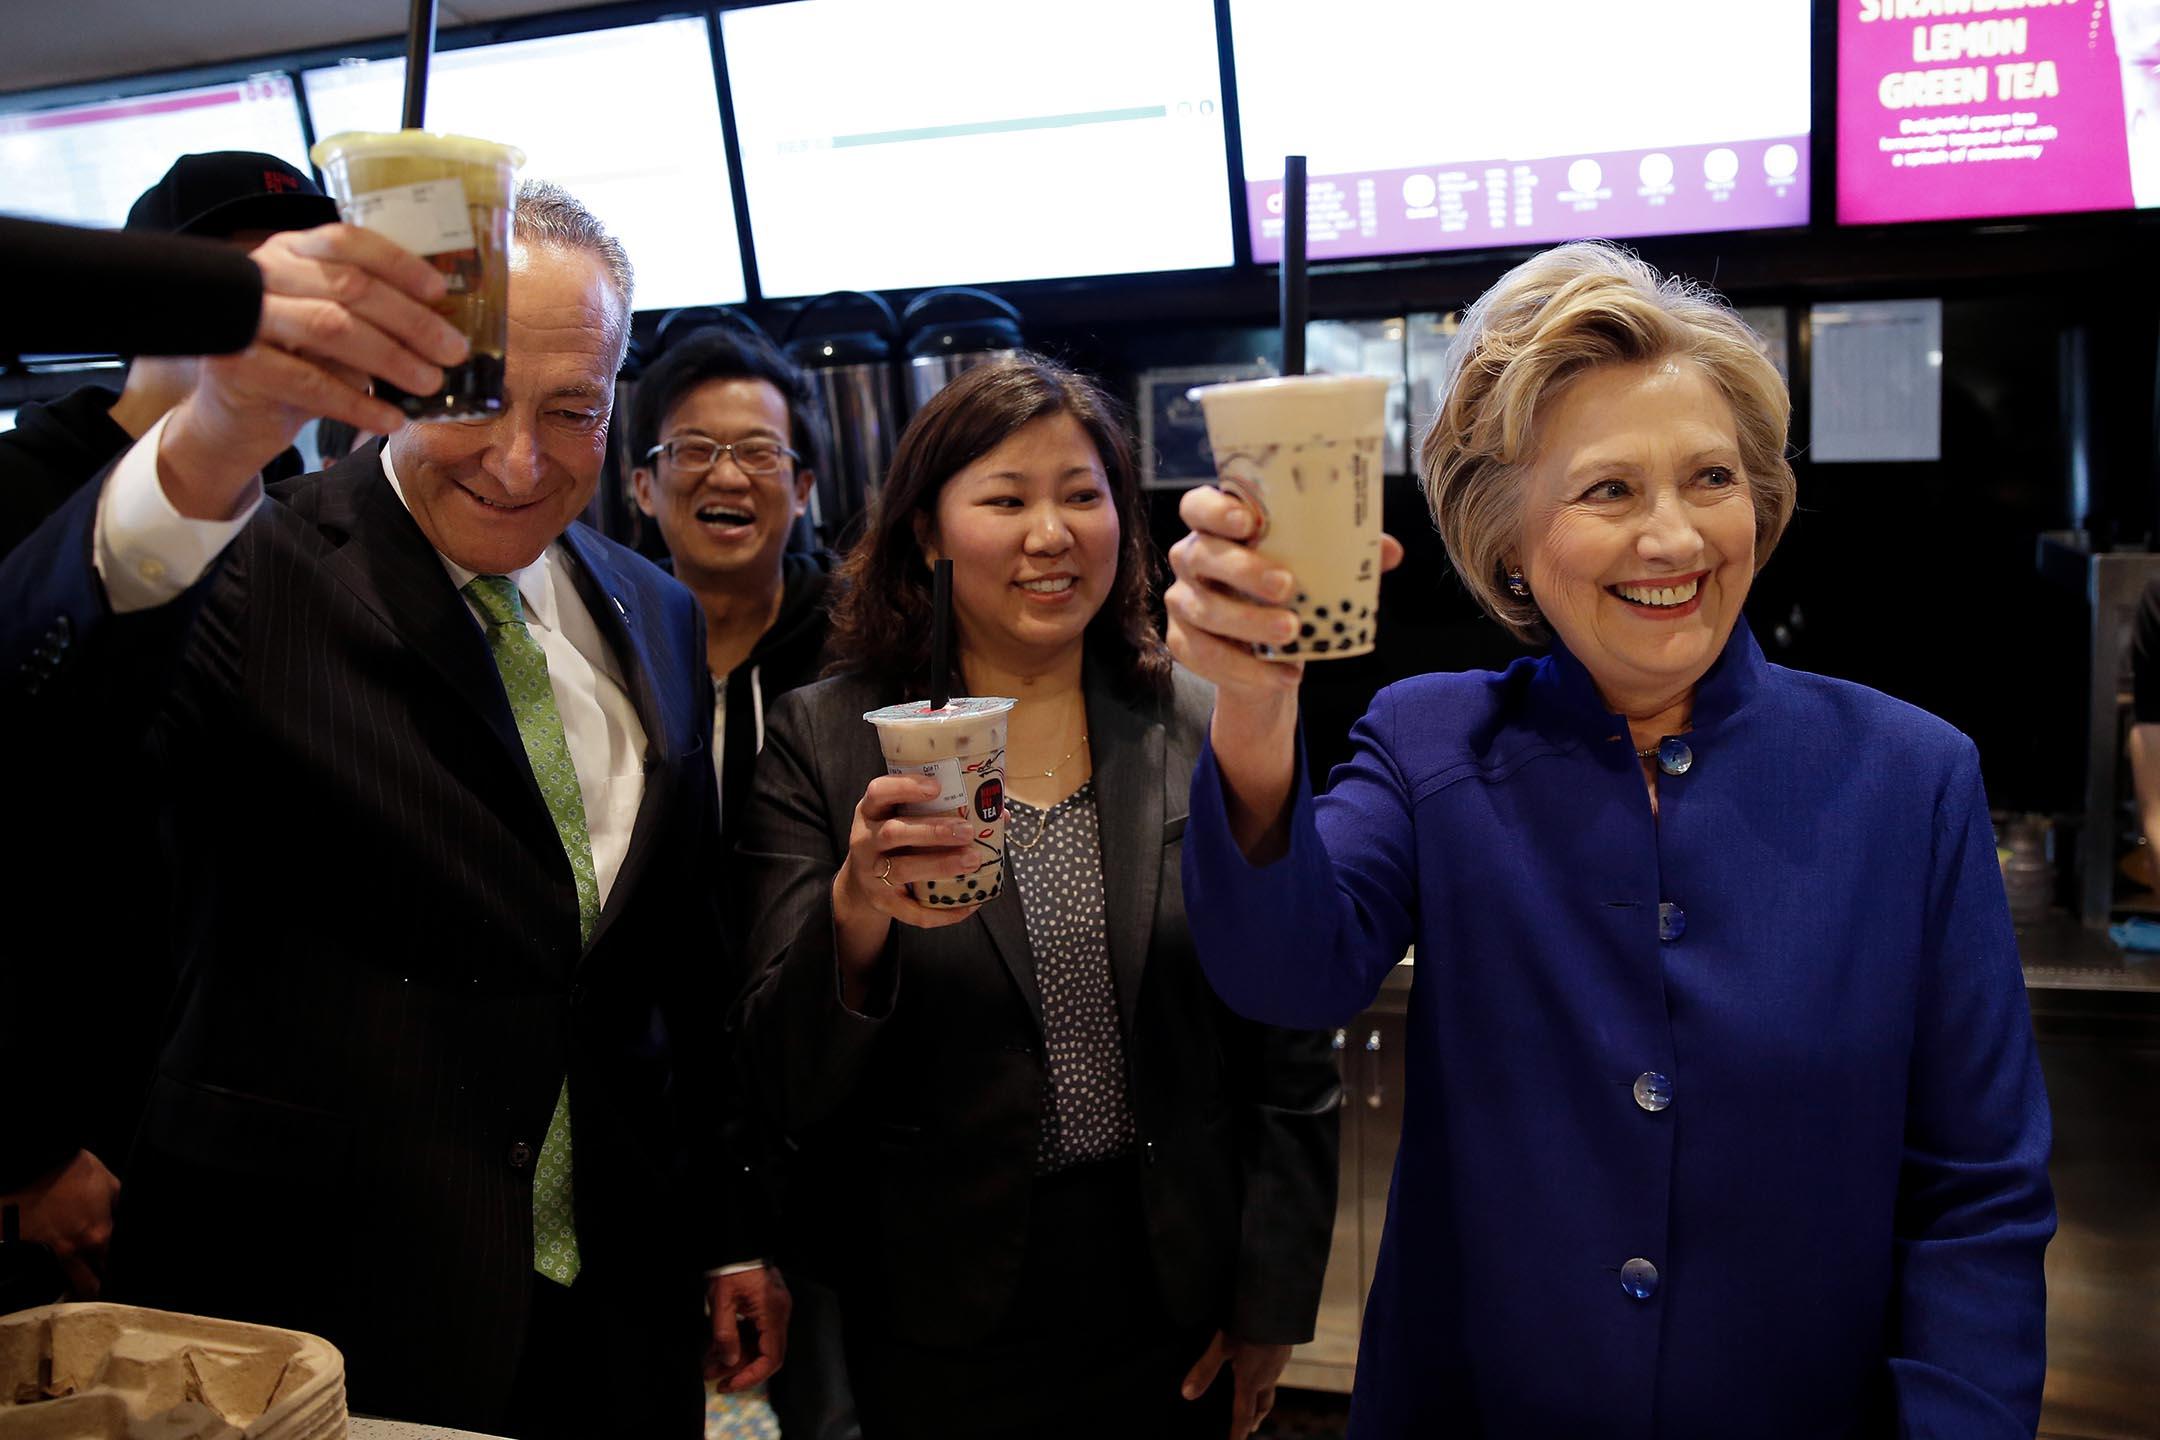 2016年4月18日美國紐約市,美國民主黨總統候選人希拉里·克林頓在訪問美國紐約市皇后區餐廳時舉起她的珍珠奶茶。